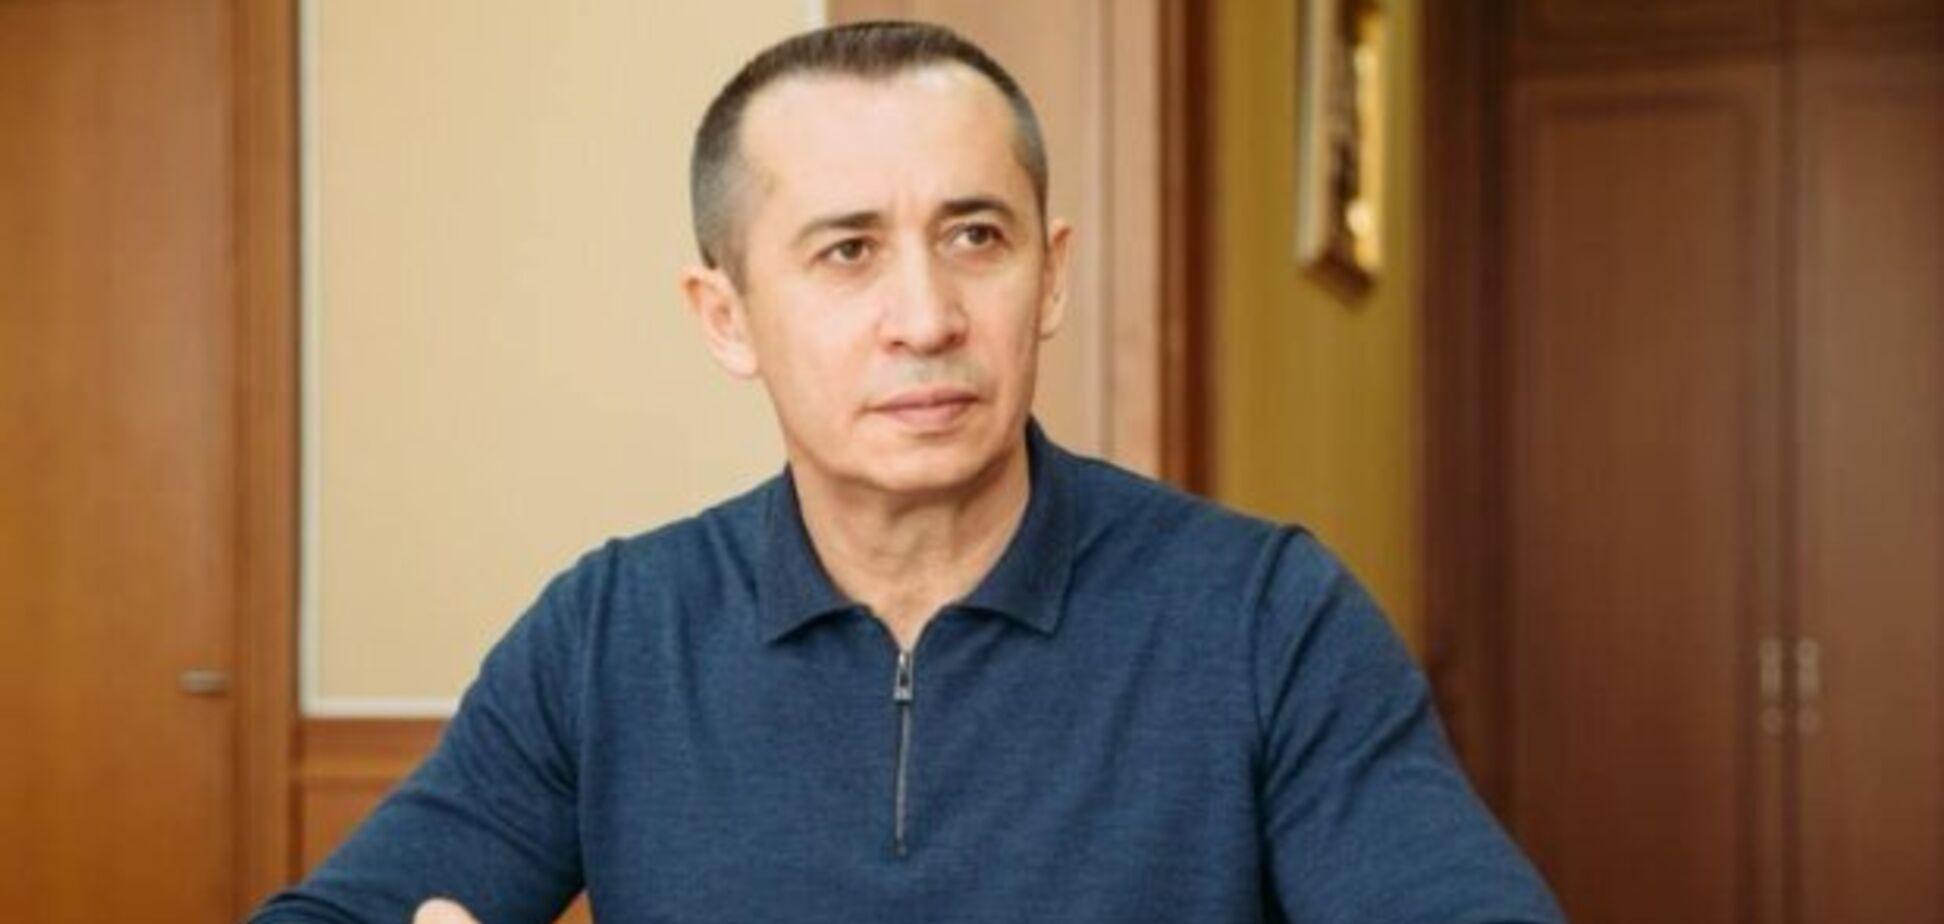 Одіозний депутат з Дніпра Краснов гнівно висловився через парад на День Незалежності і заявив про 'підміну патріотизму'